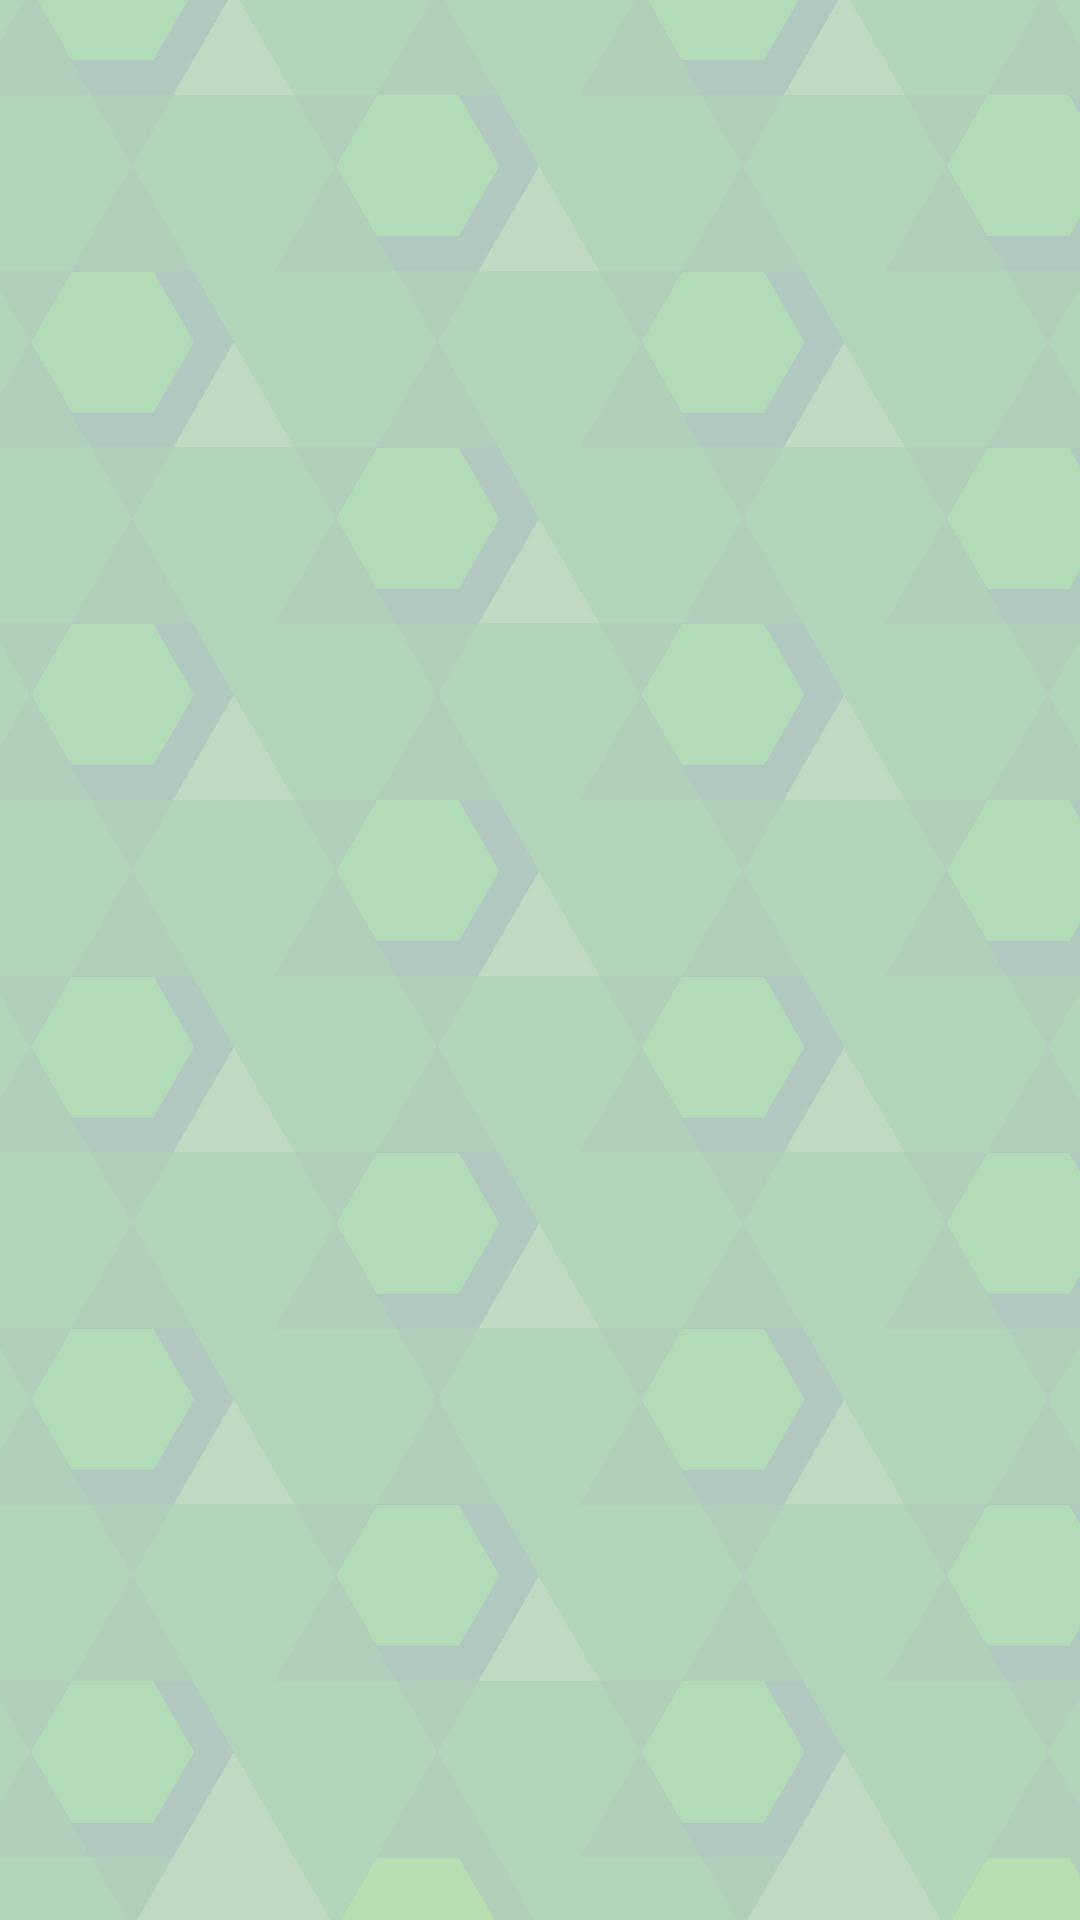 幾何学模様緑 Wallpaper Sc スマホ壁紙